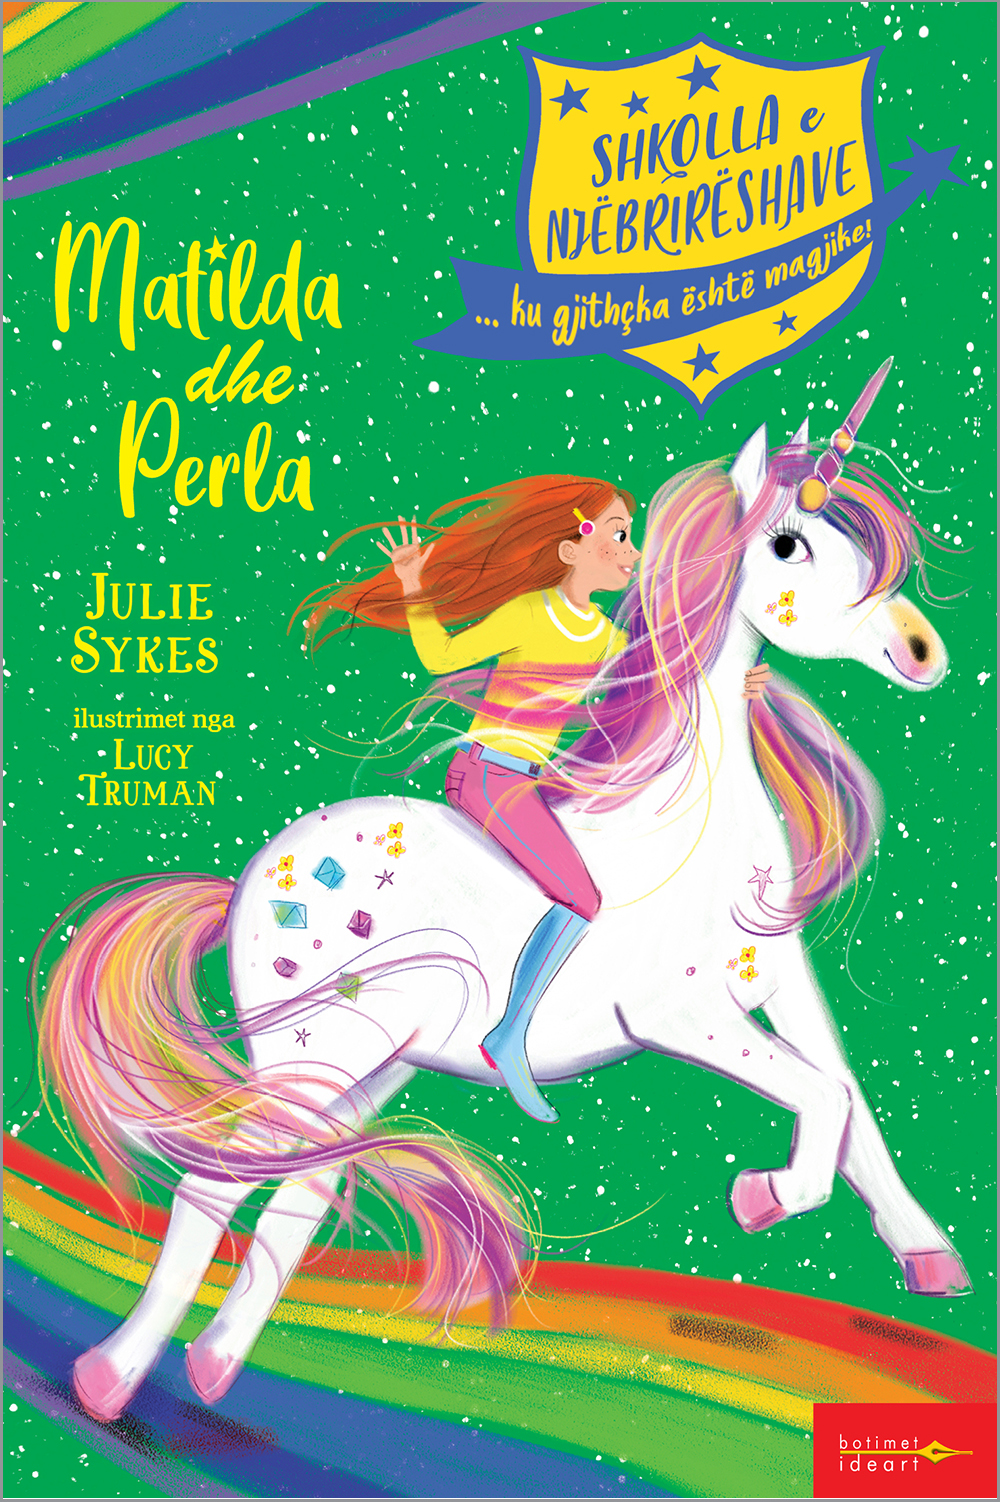 Shkolla e Njëbrirëshave - Matilda dhe Perla